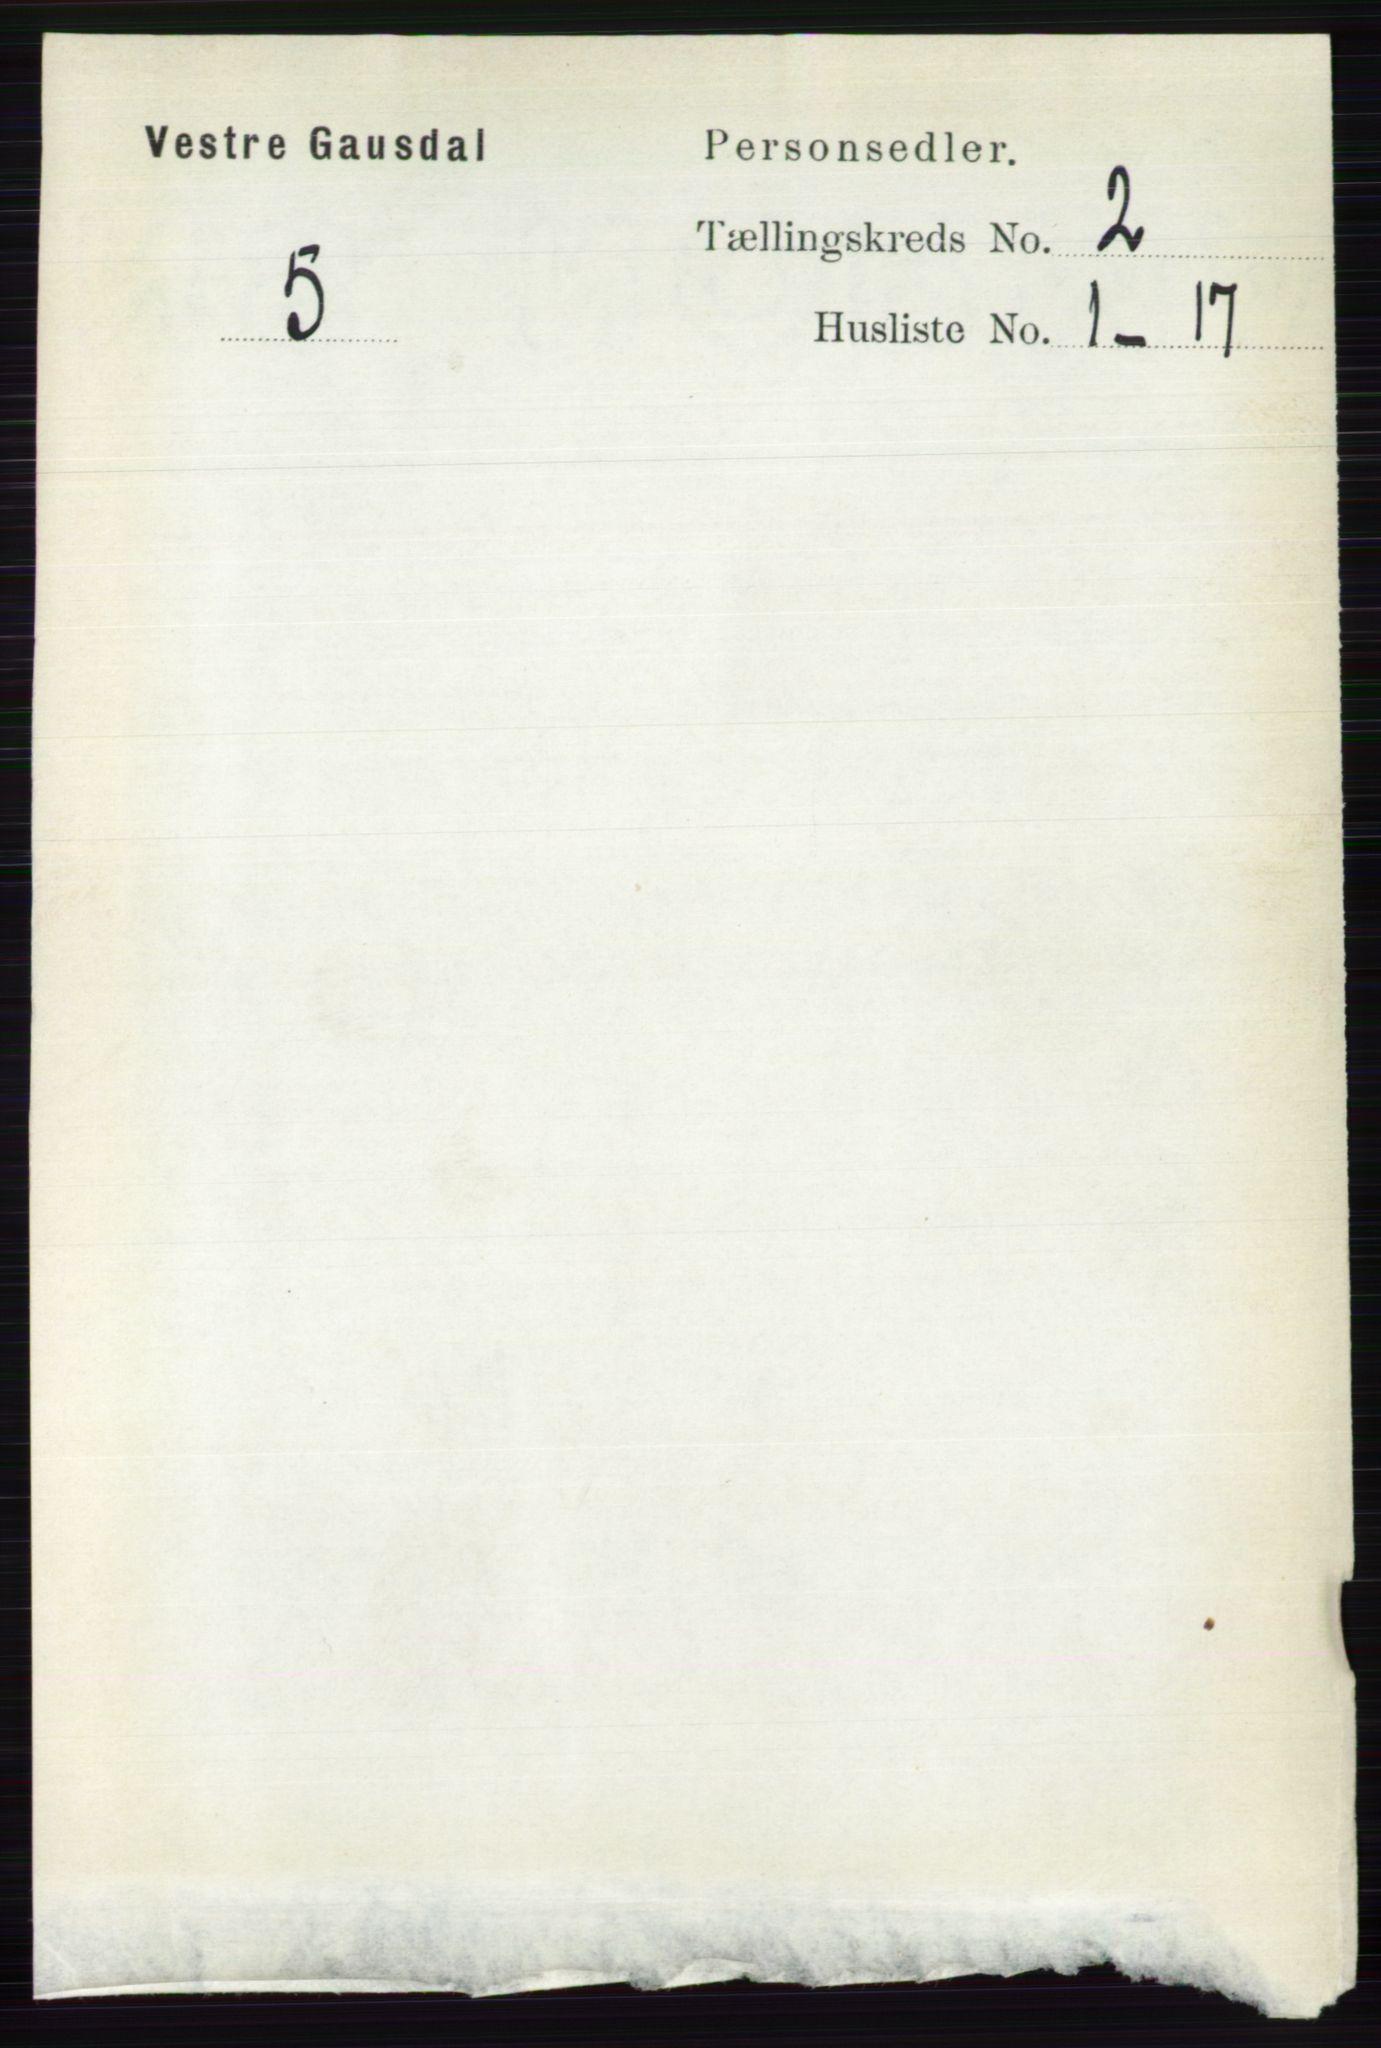 RA, Folketelling 1891 for 0523 Vestre Gausdal herred, 1891, s. 508